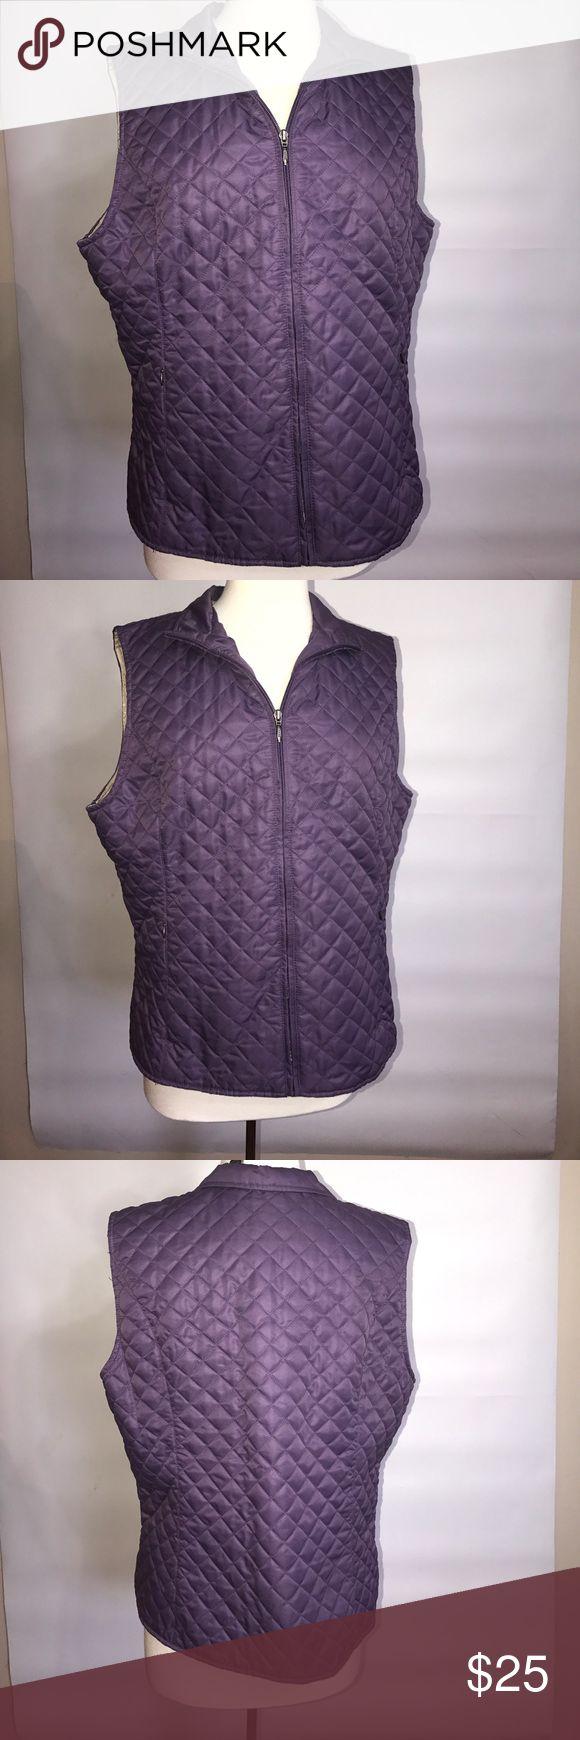 Eddie Bauer Purple Vest XL 2142 Eddie Bauer Purple Vest XL 2142 Like New Eddie Bauer Jackets & Coats Vests